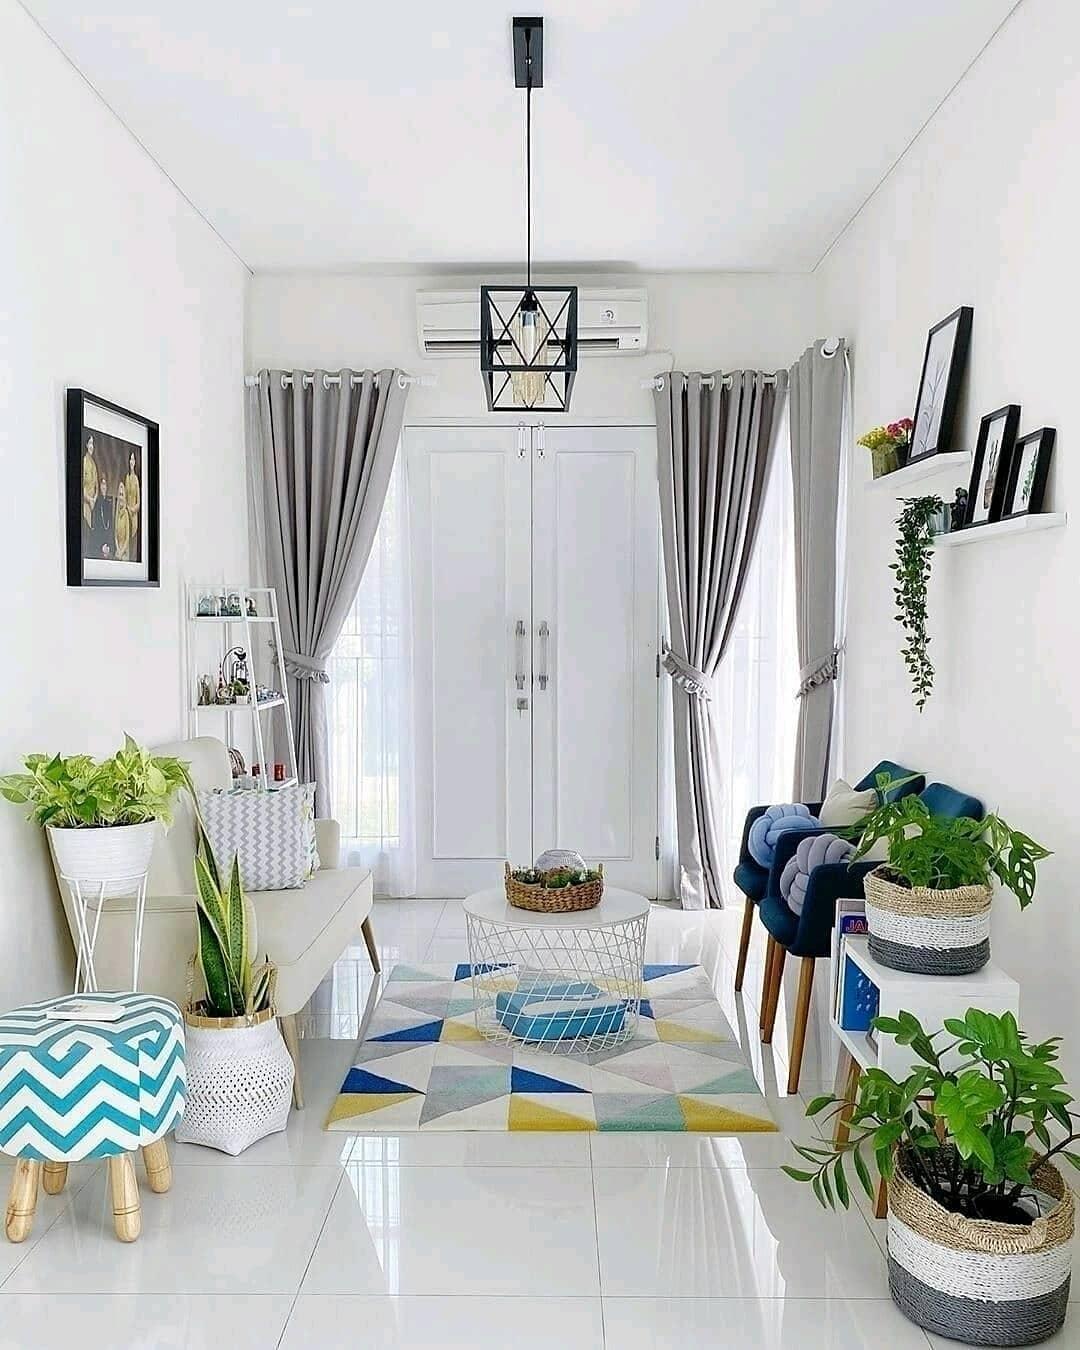 Warna Cat Tembok Ruang Tamu Yang Bagus Warna Putih Nampak Lebar